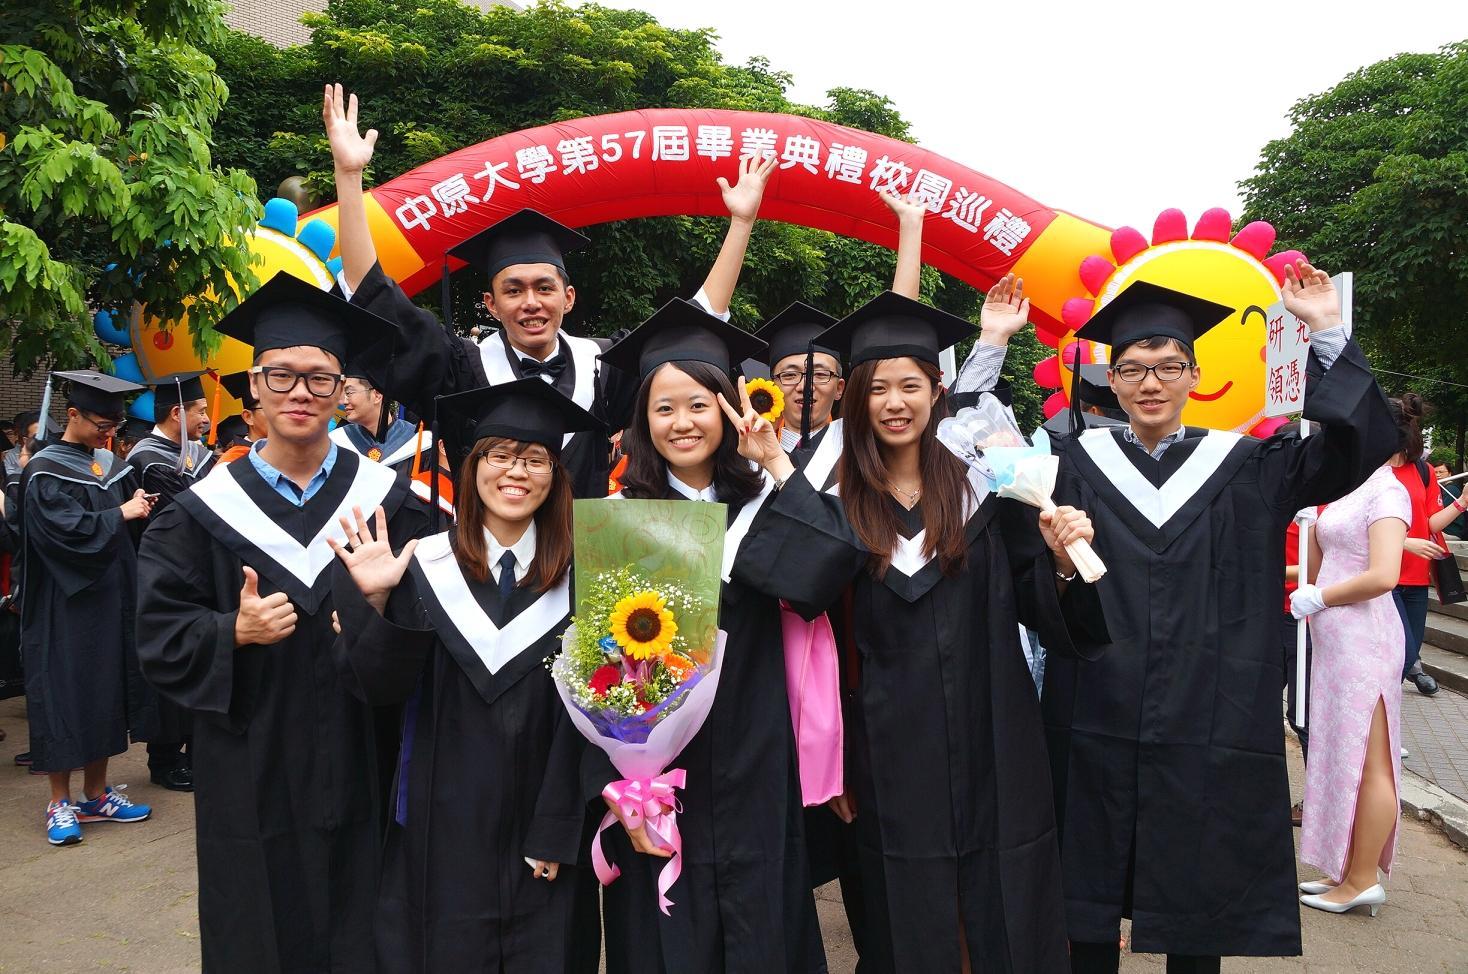 第57屆畢業典禮 法藍瓷陳立恆總裁勉勵畢業生